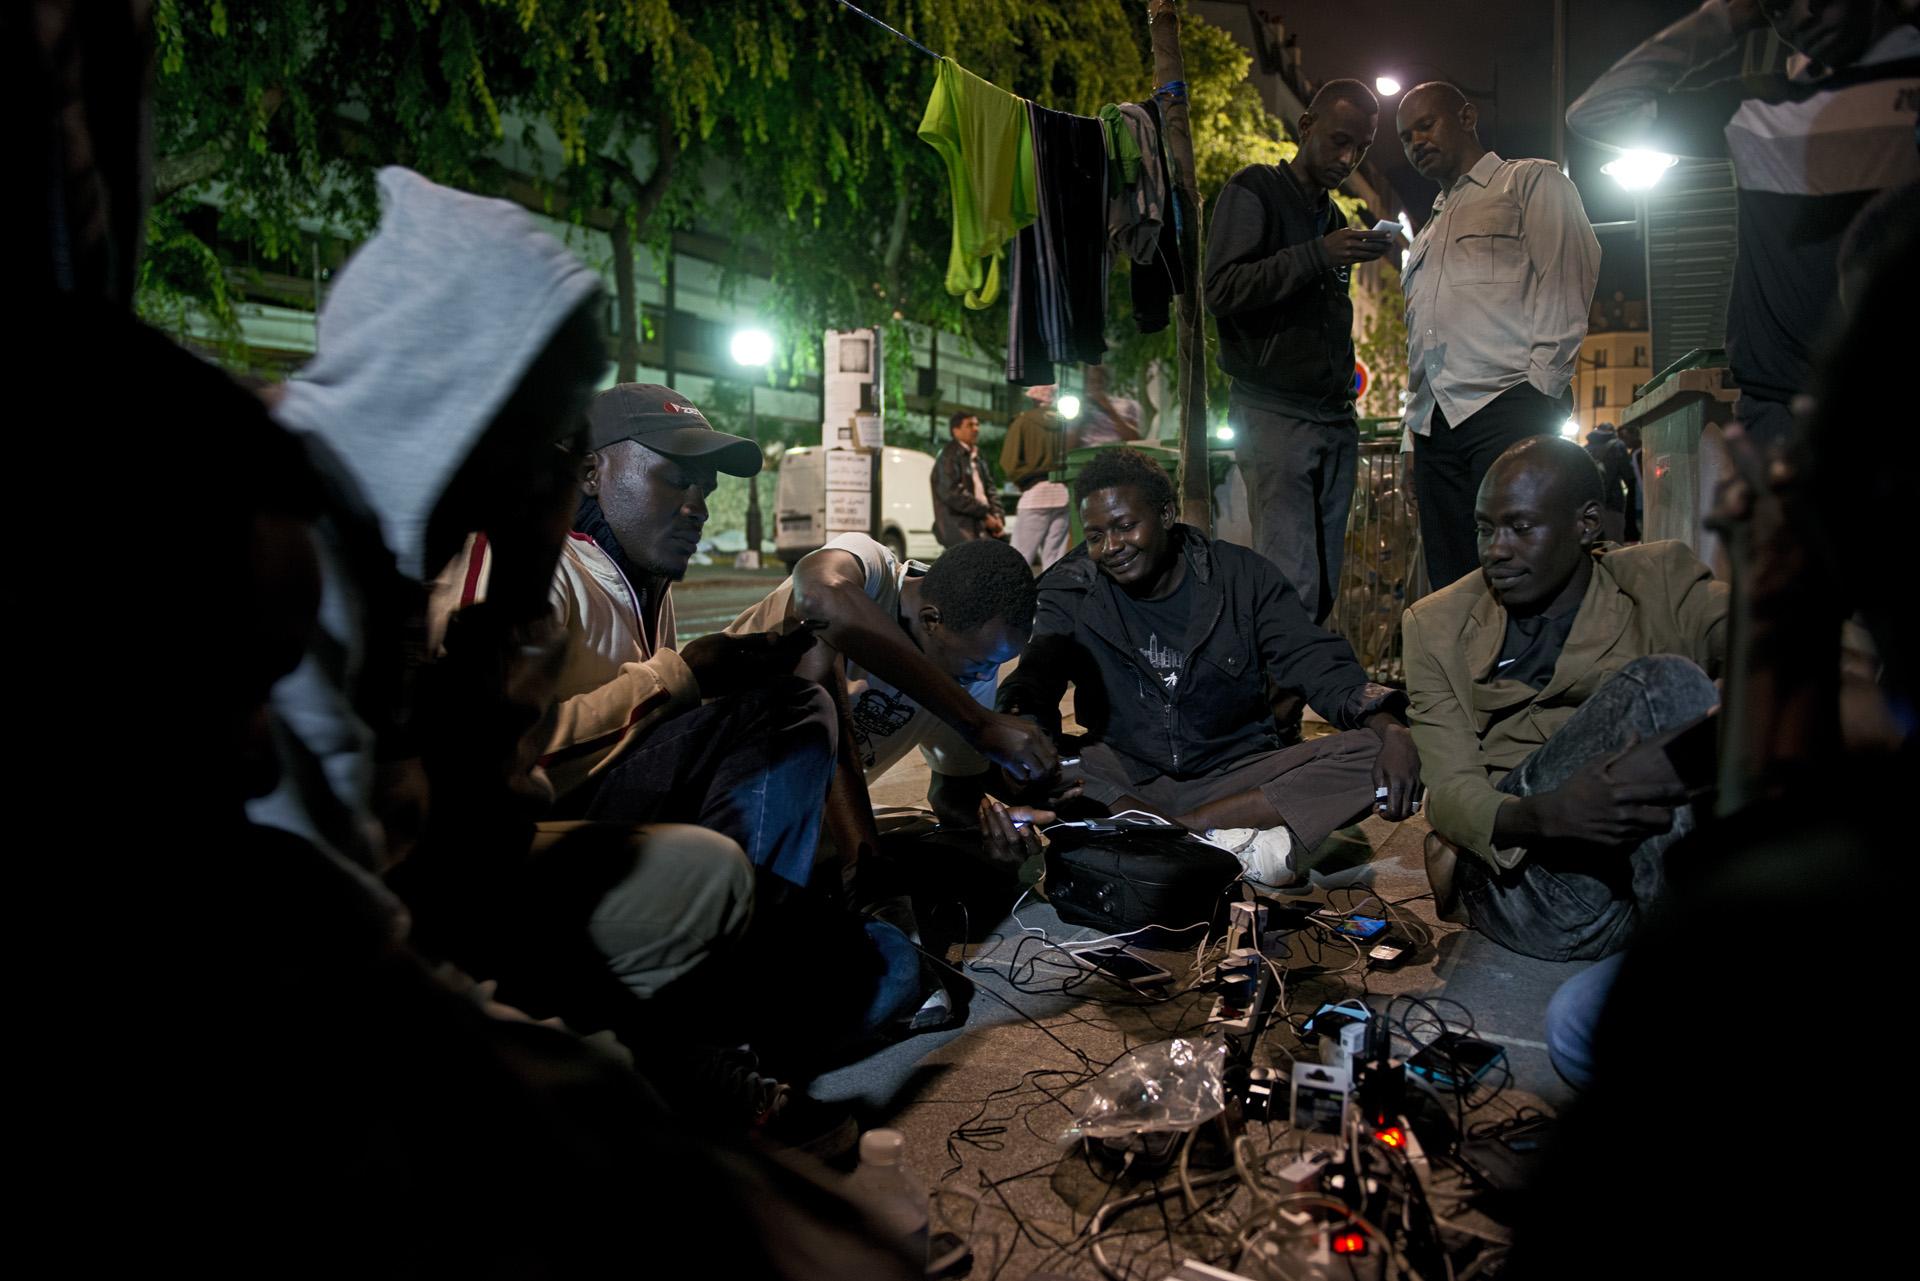 Sur le campement, comme partout sur la route de l'exil, les téléphones portables sont le seul lien avec le pays et la famille. Un riverain solidaire a bricolé un système de recharge à partir d'une batterie qu'il met à disposition tous les soirs.Paris 18ème, le 7 juillet 2015.